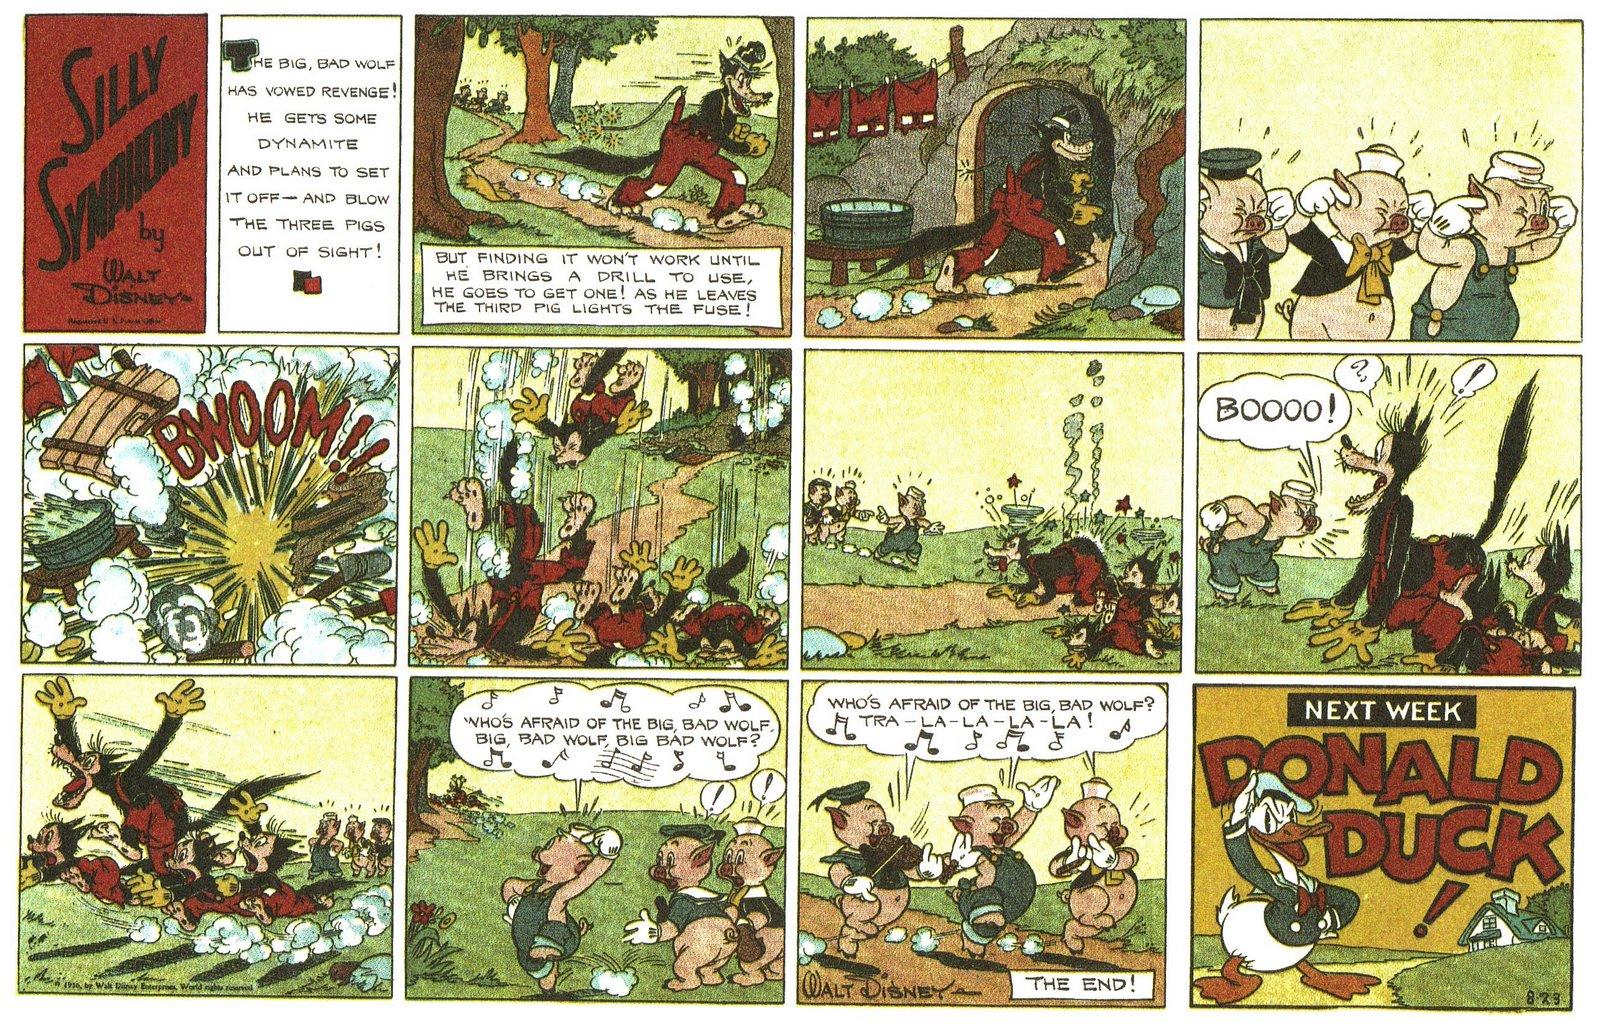 [1936-08-23.jpg]